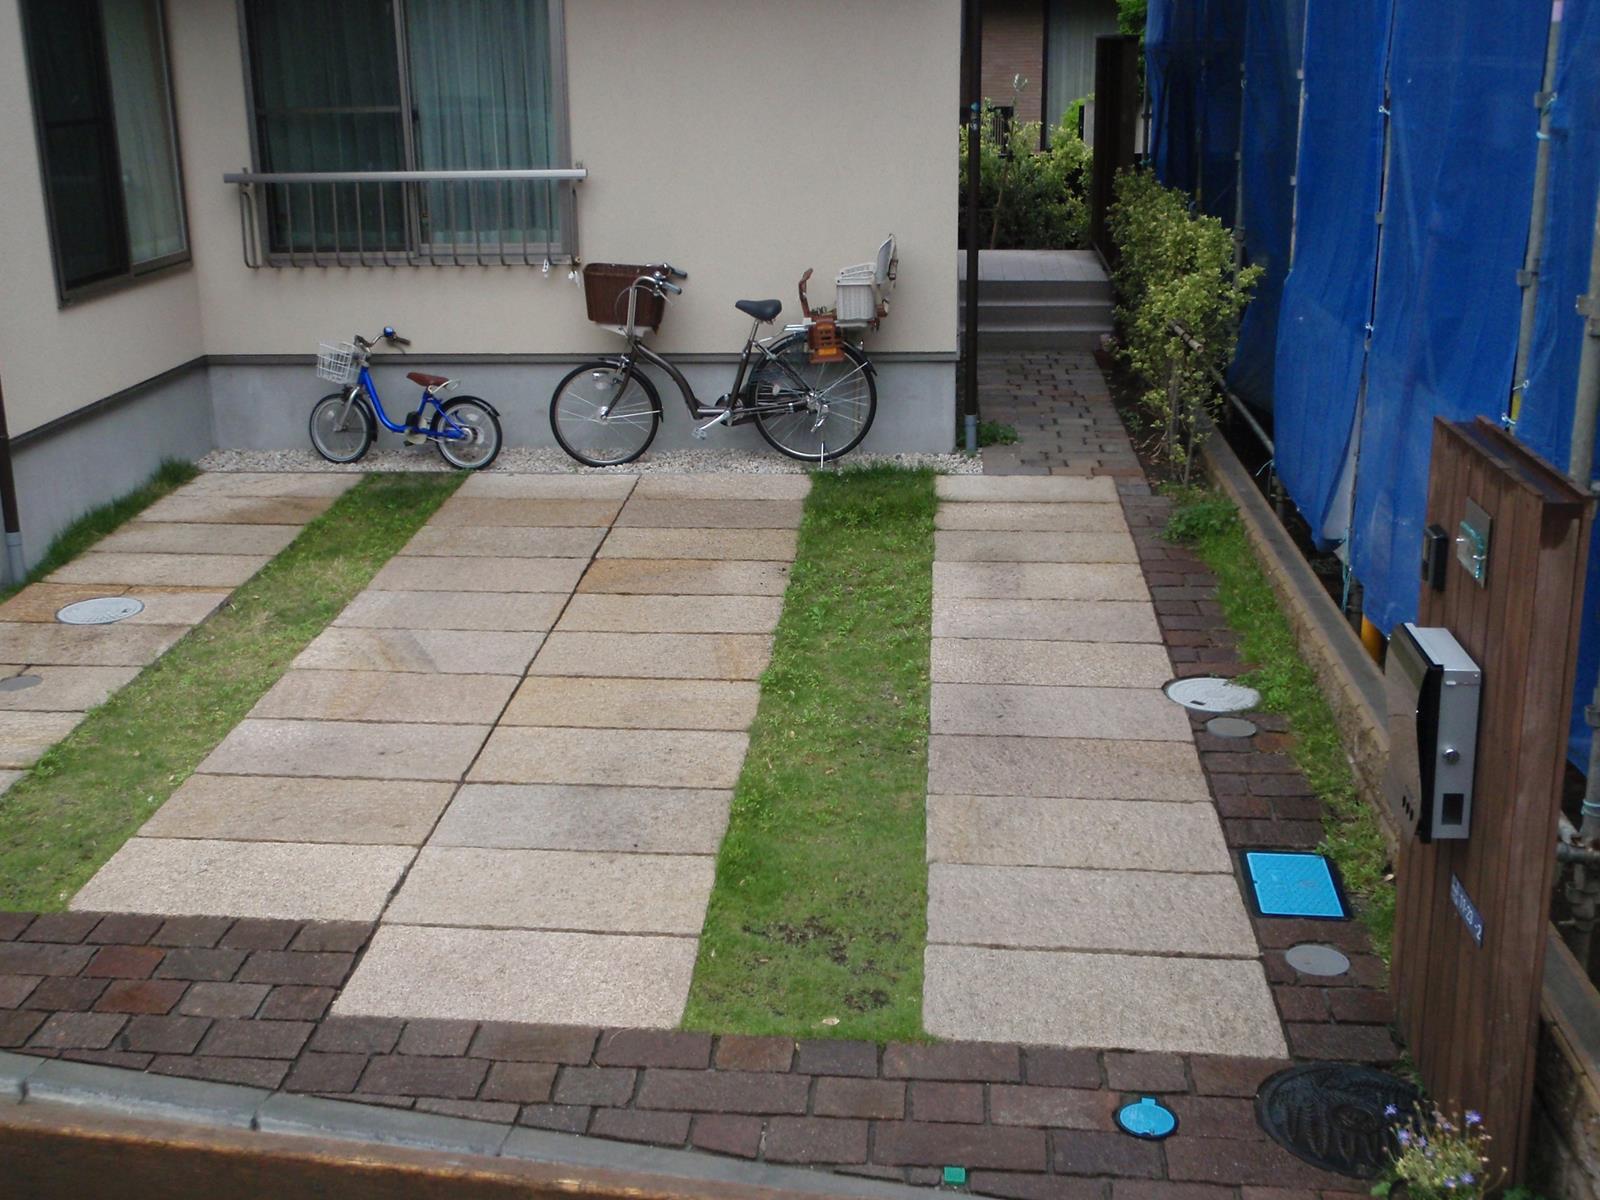 さび御影石の平板による駐車場